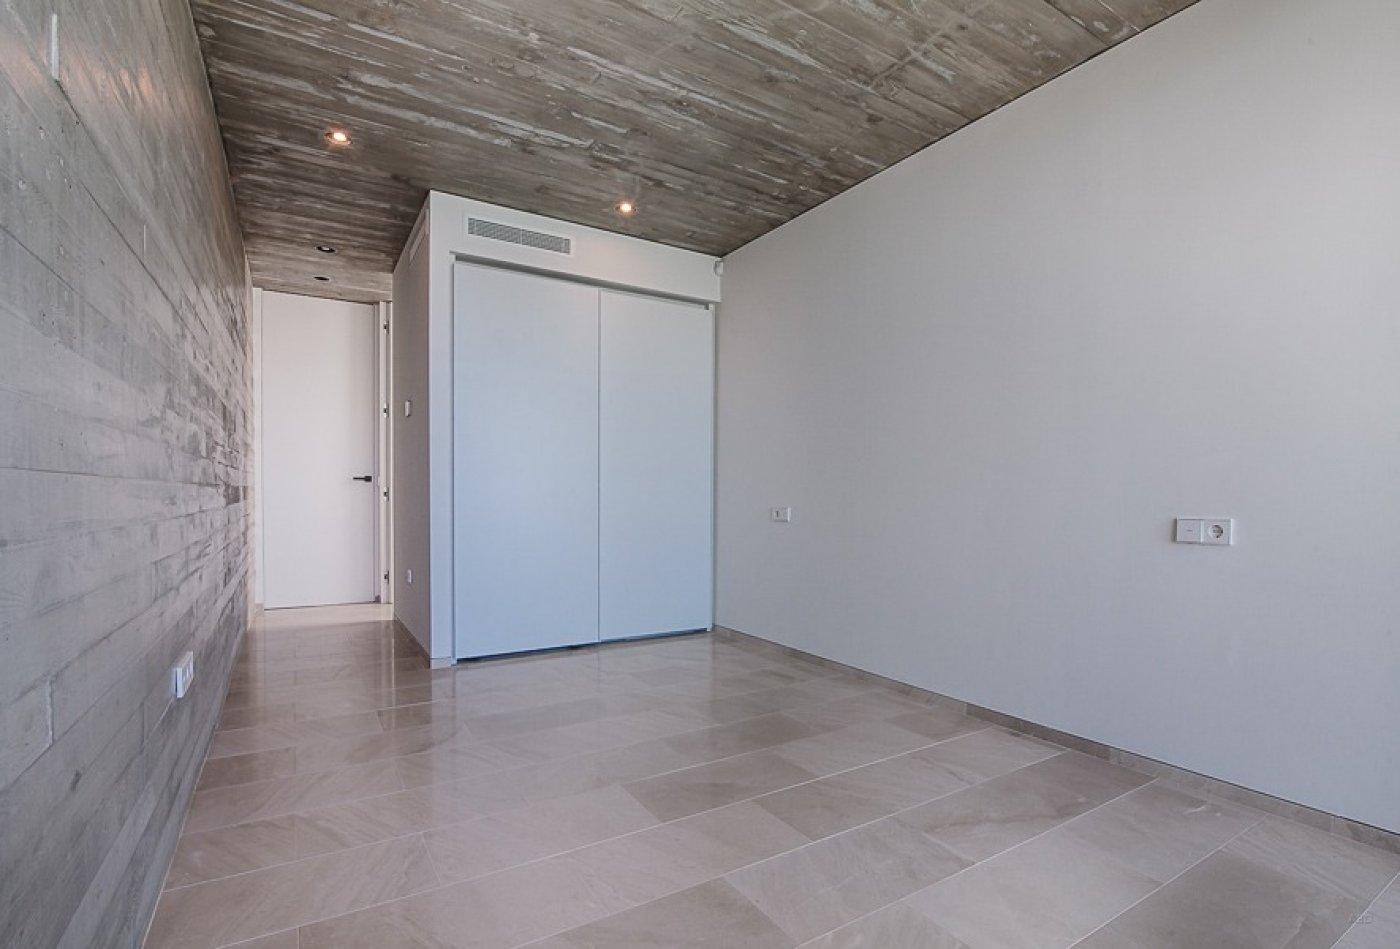 Villa - Ready To Move And Live - El Bosque - Moraira